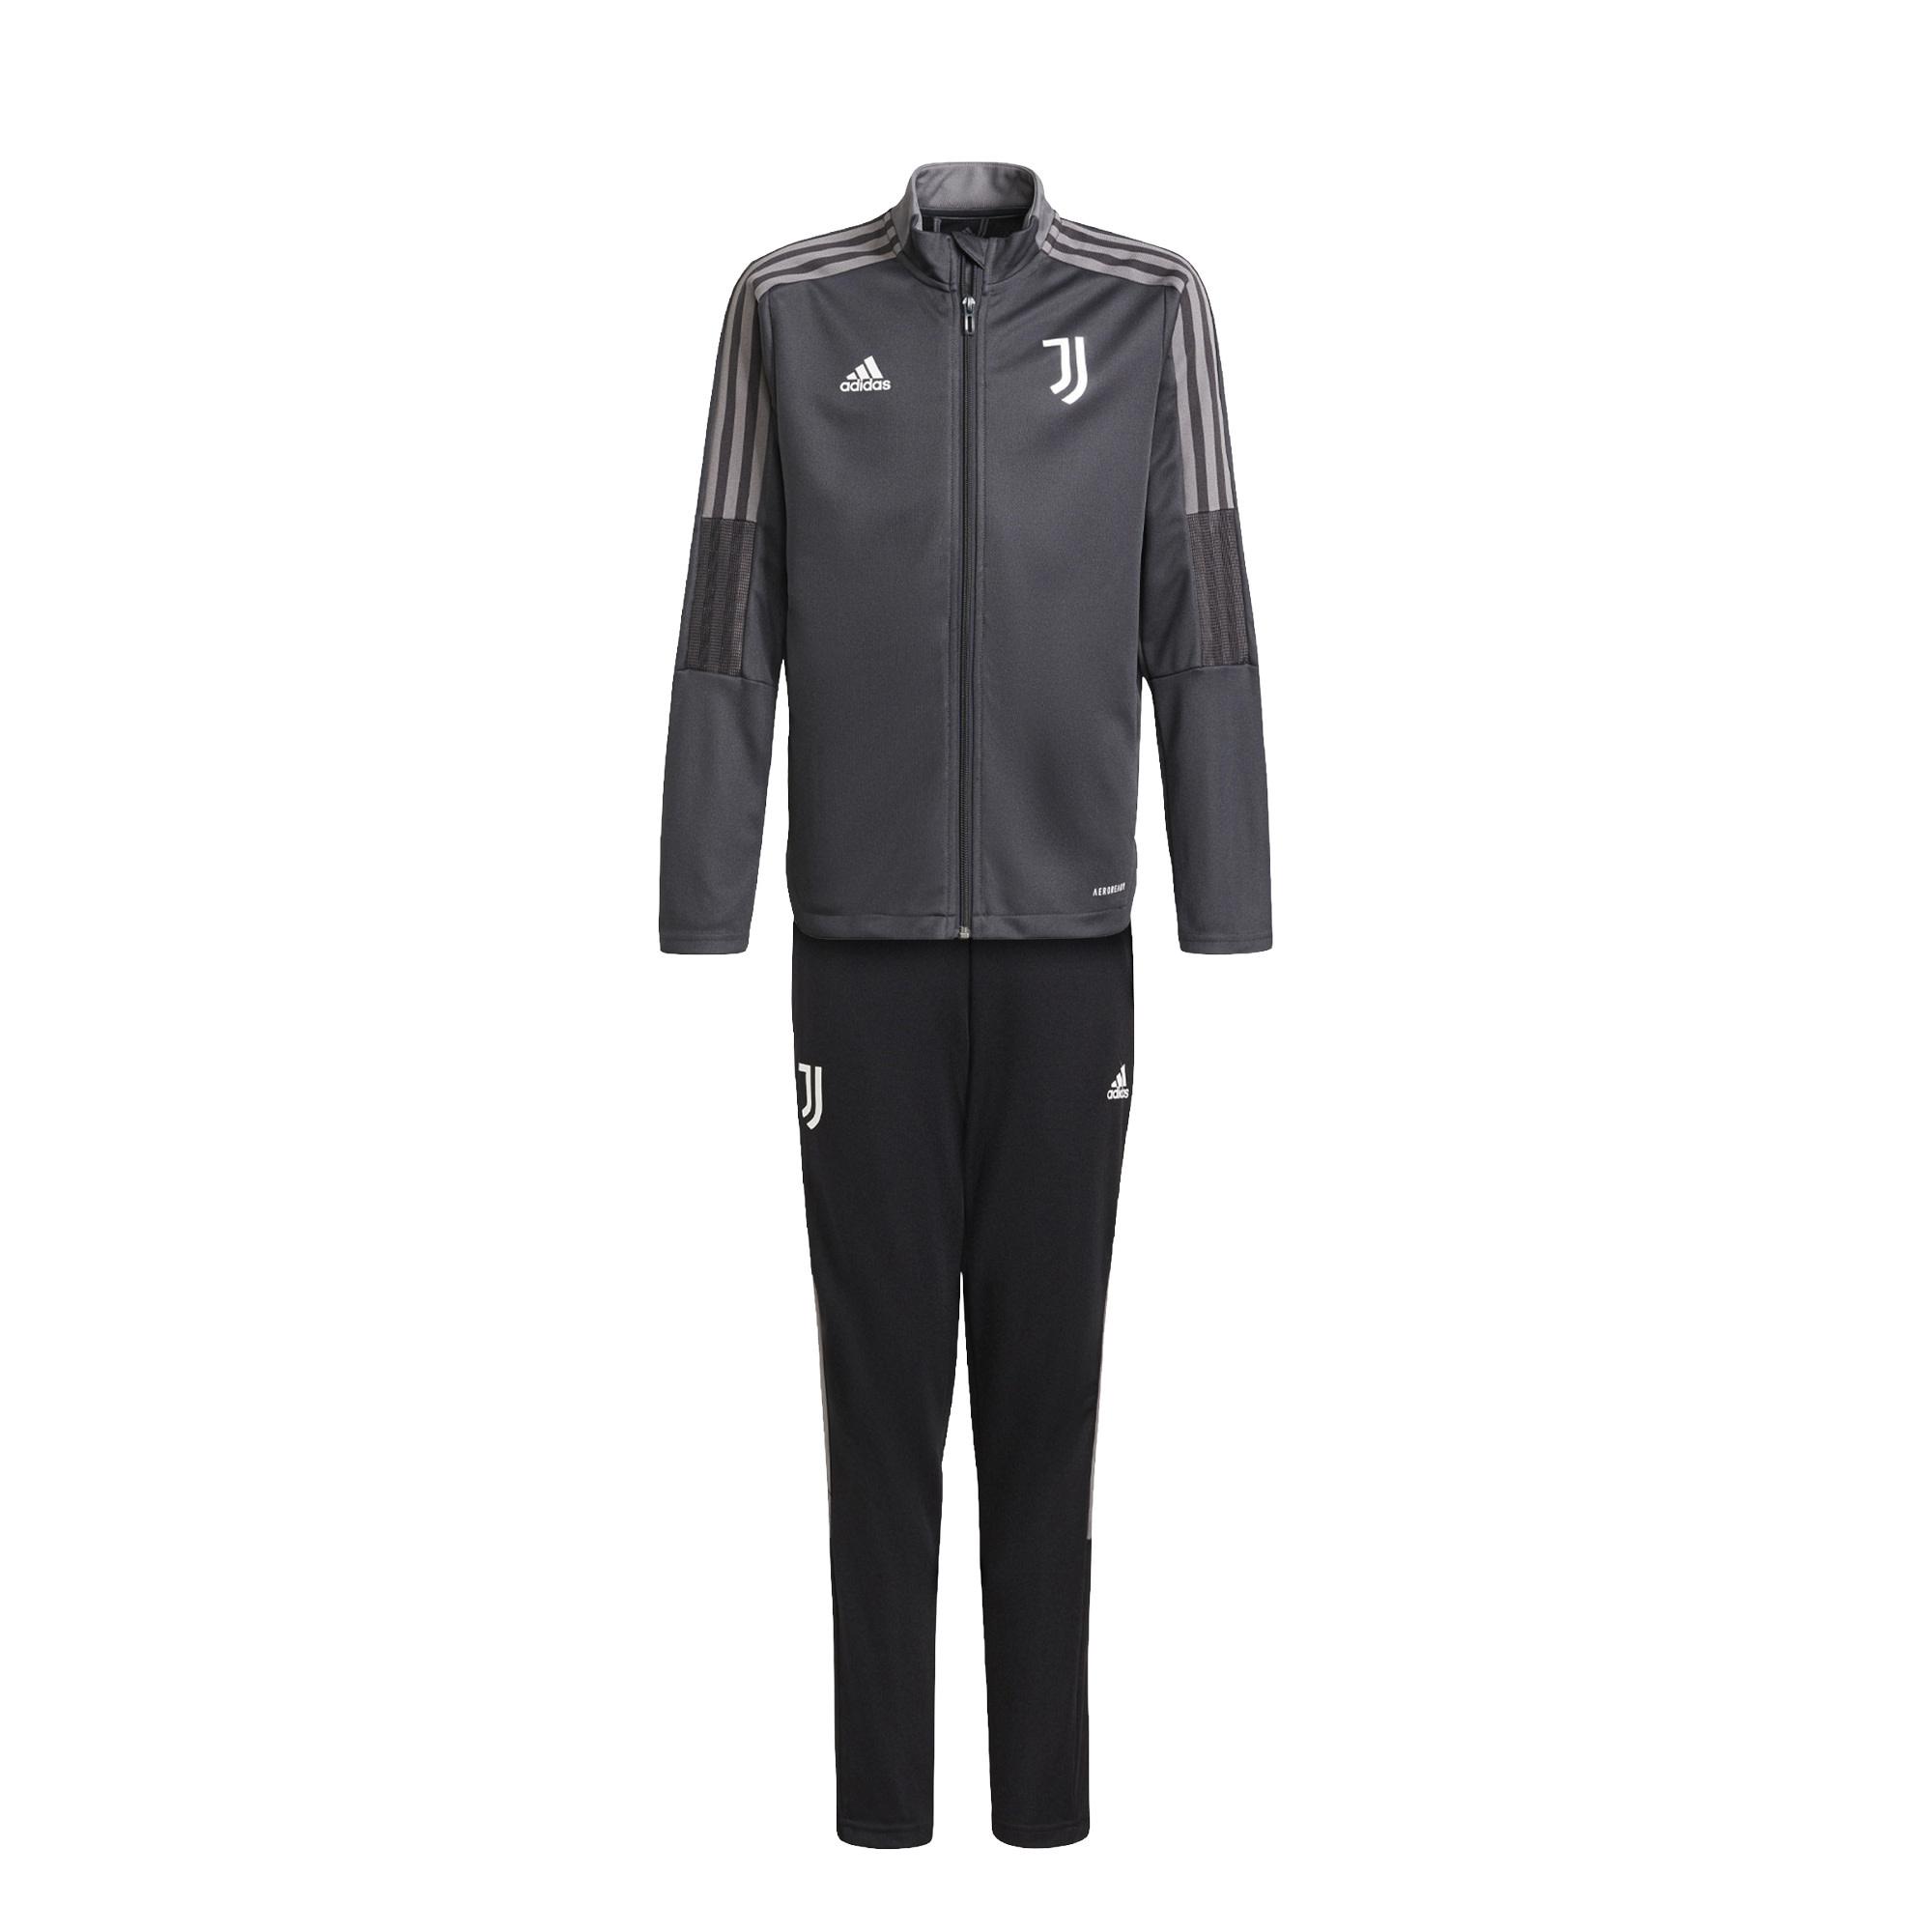 Adidas Jr Juventus Track Suit '21-'22